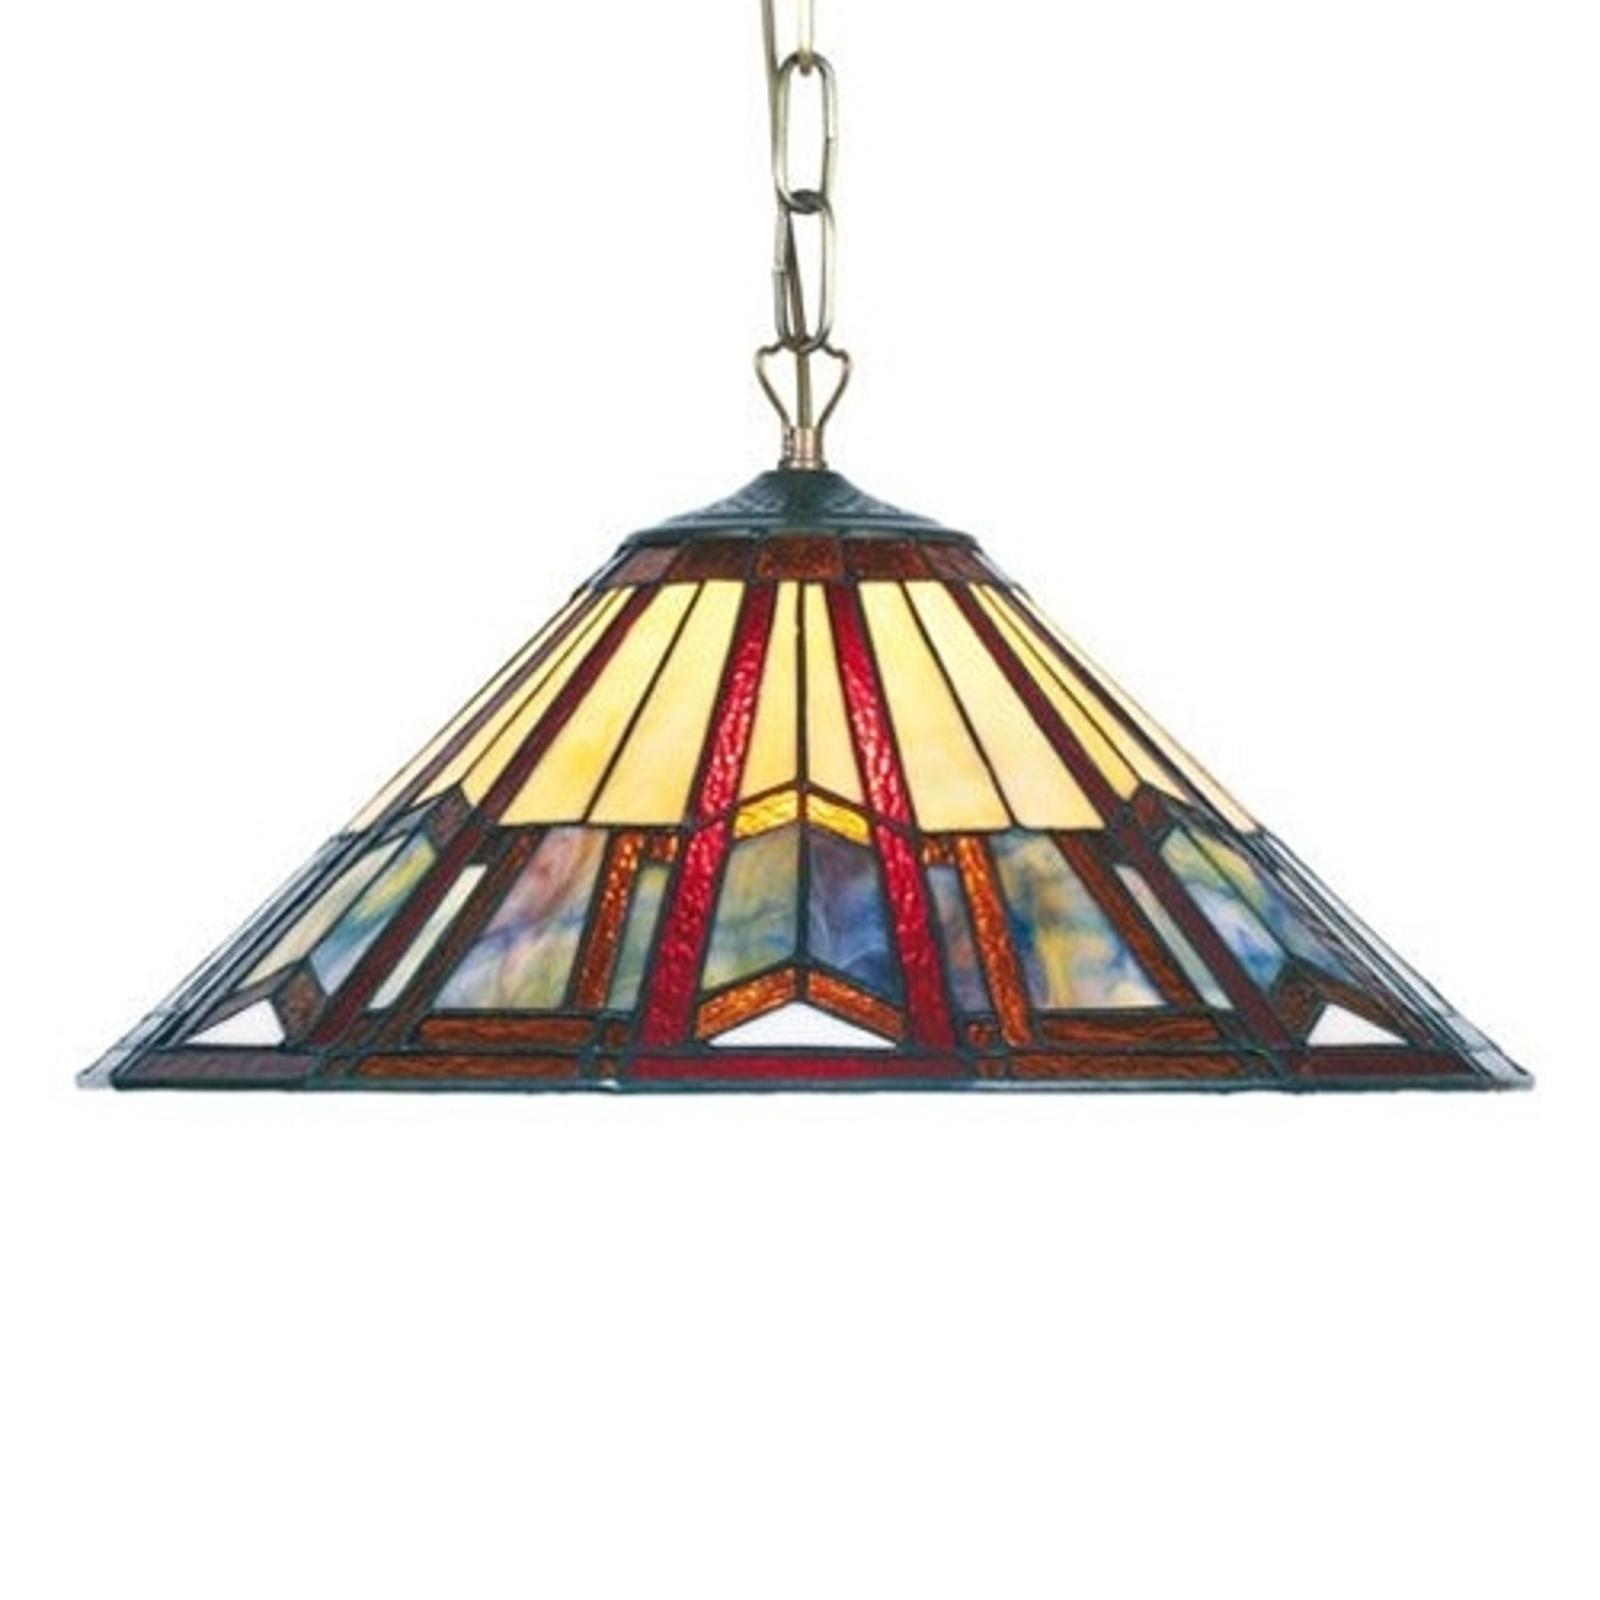 Lampa wisząca LILLIE w stylu Tiffany 1 x E27